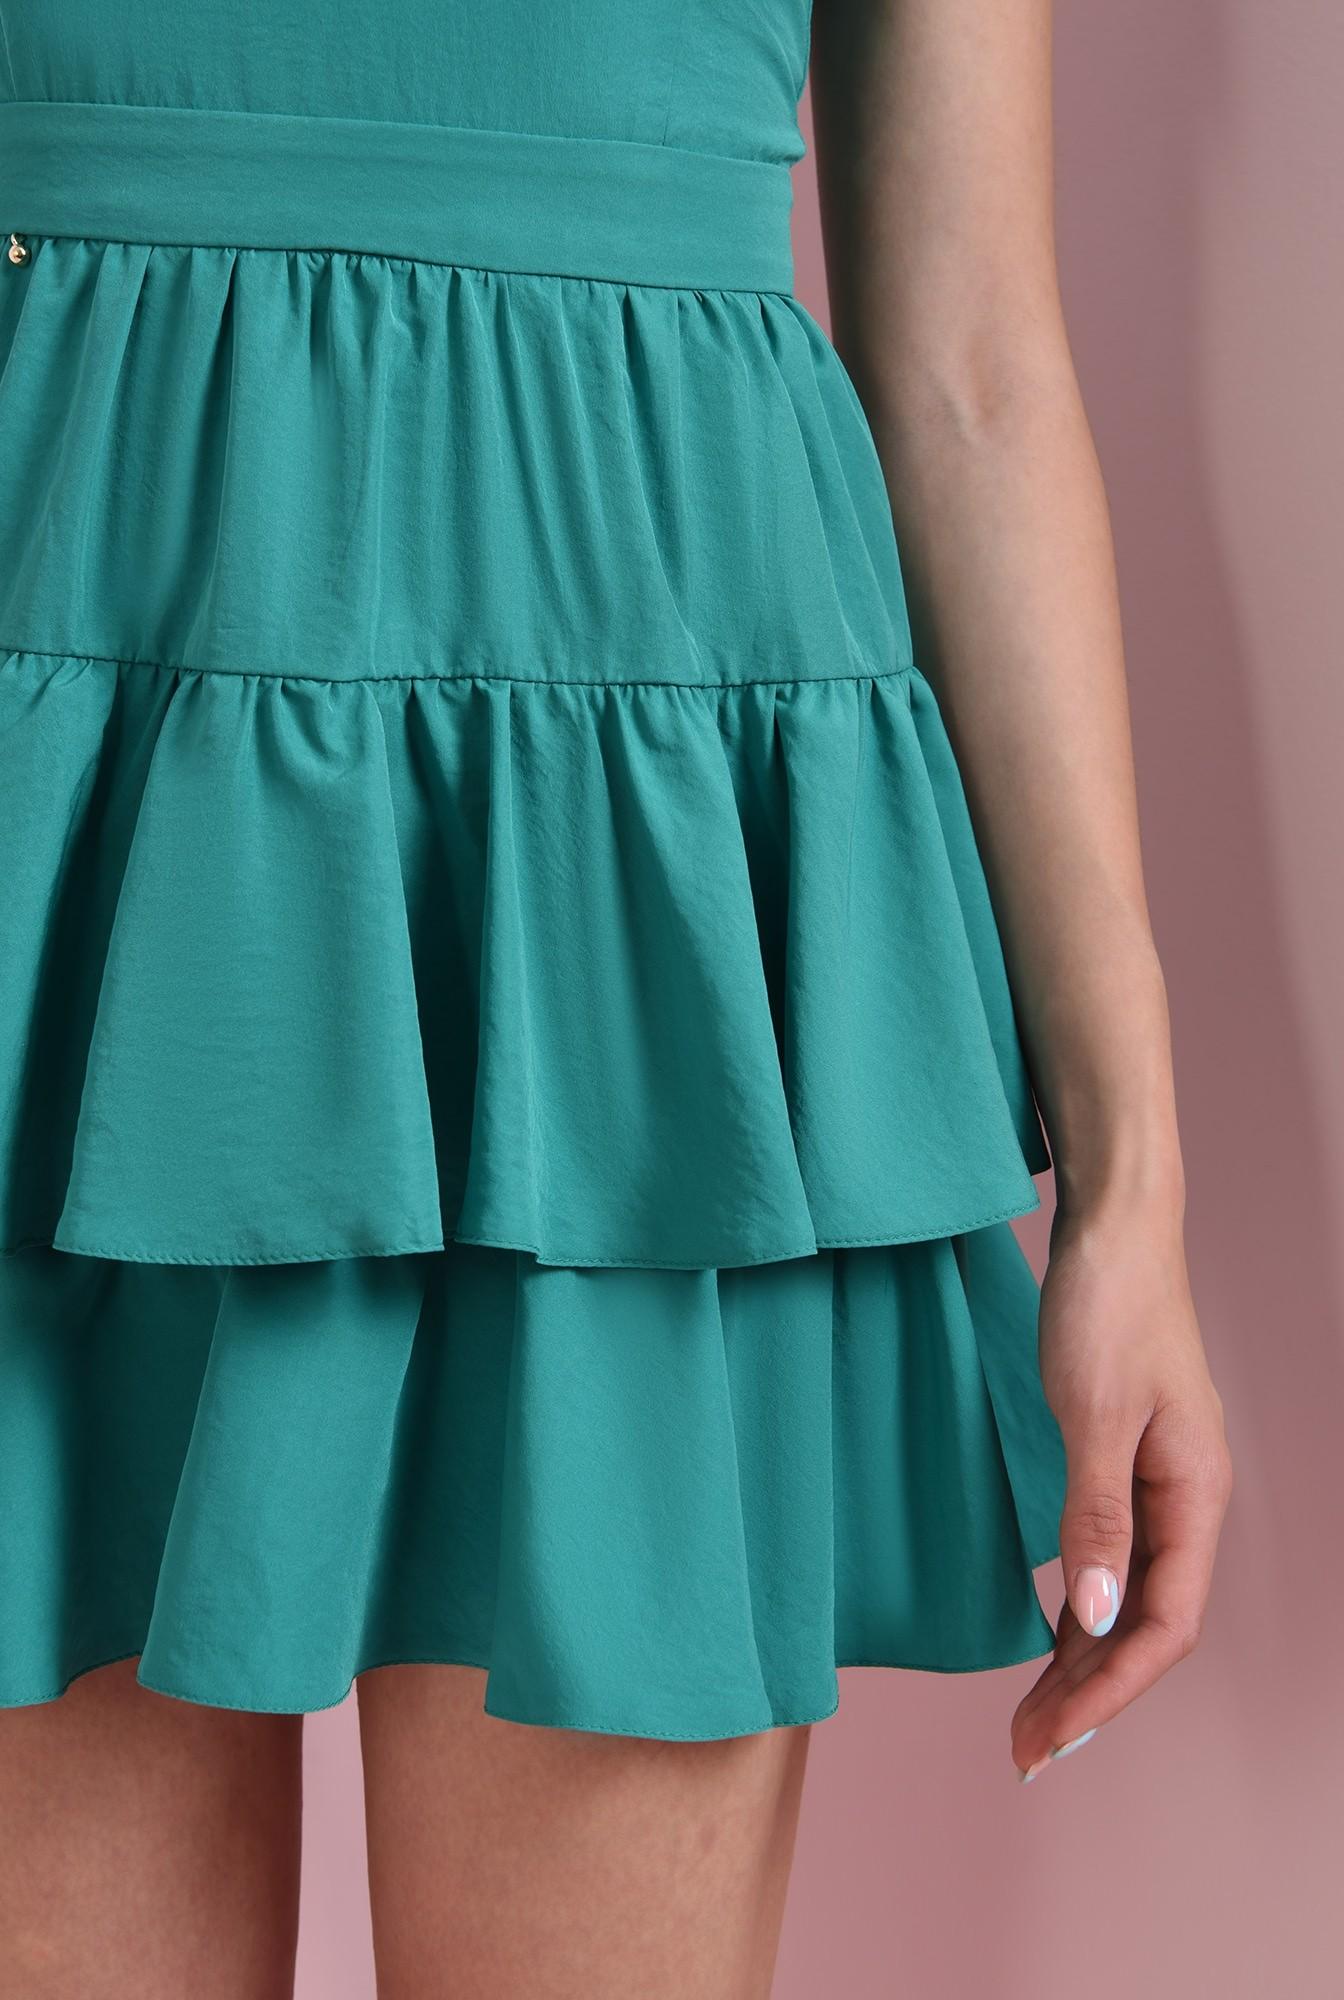 2 - rochie cu volane, verde, Poema